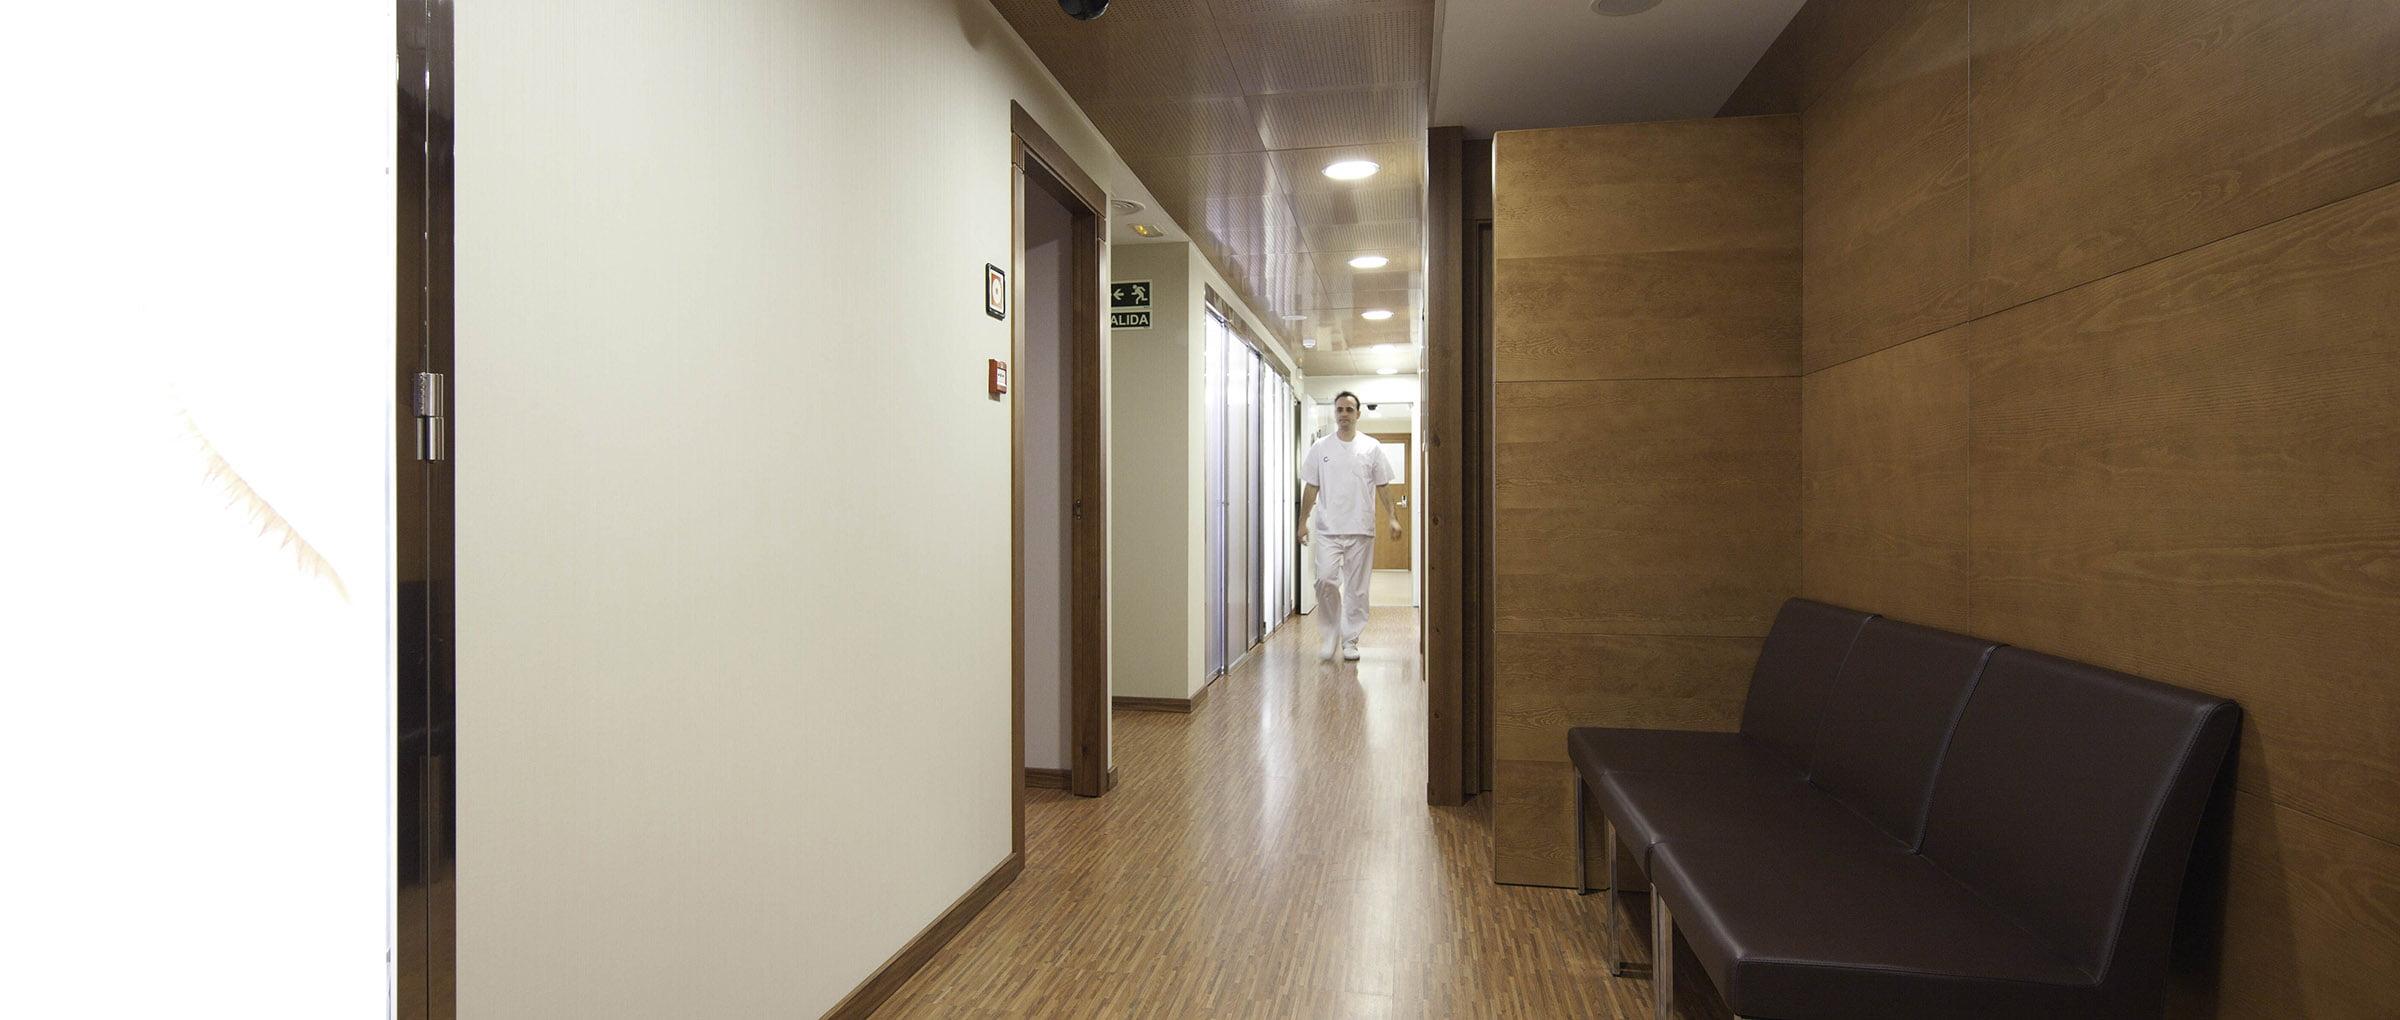 Clinique Crea installations